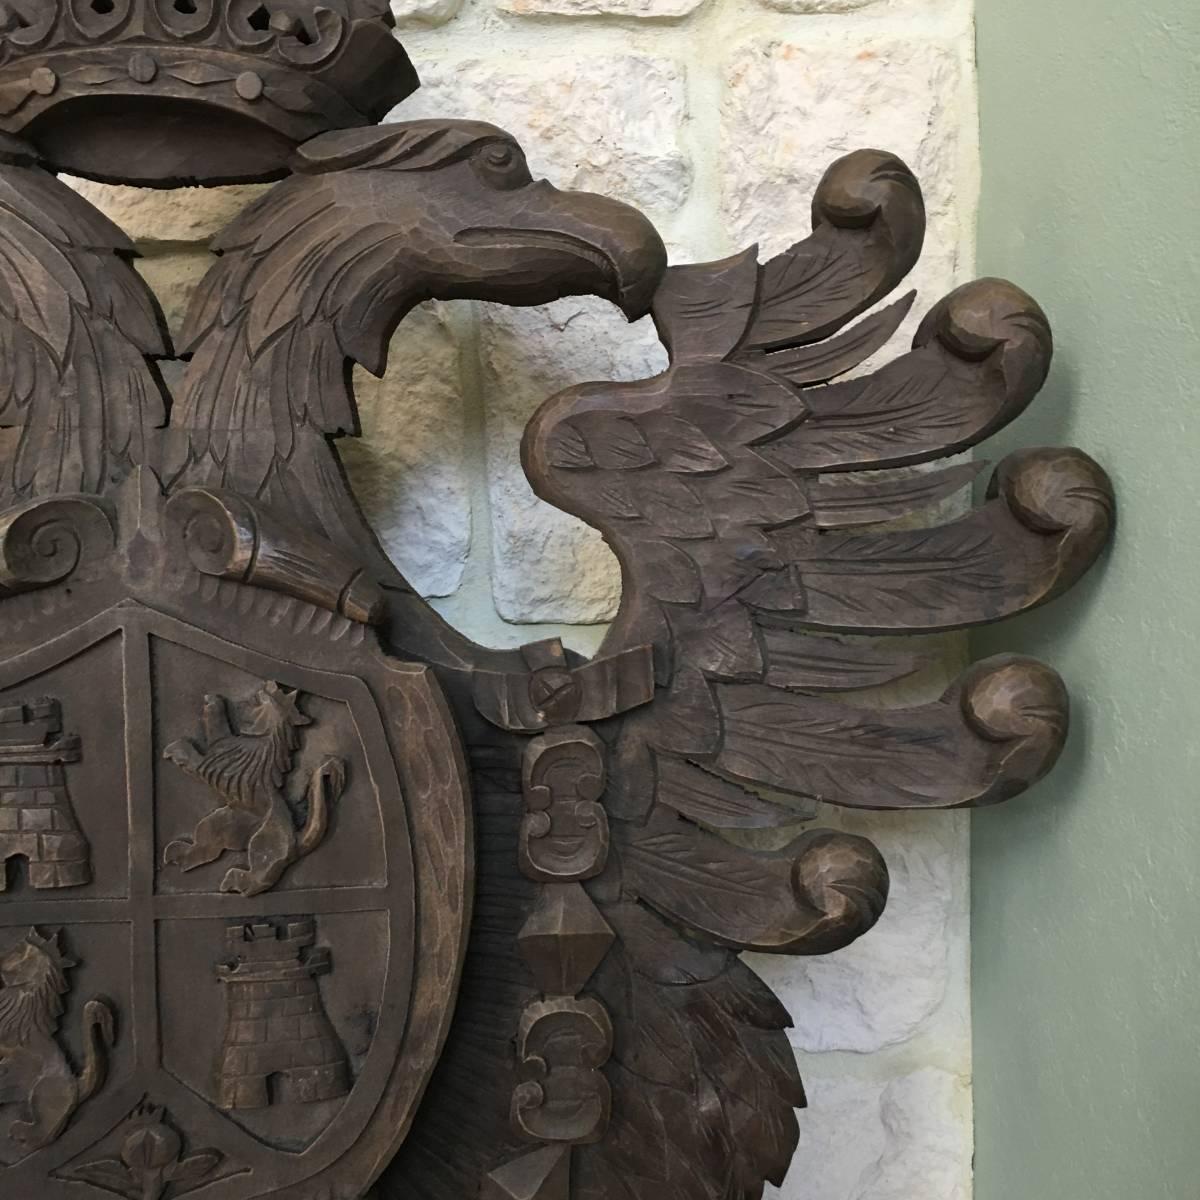 フランスアンティーク イーグル オブジェ 壁掛け 木製 ウッドオブジェ アンティーク家具 アンティーク ヨーロッパ 重厚_画像3